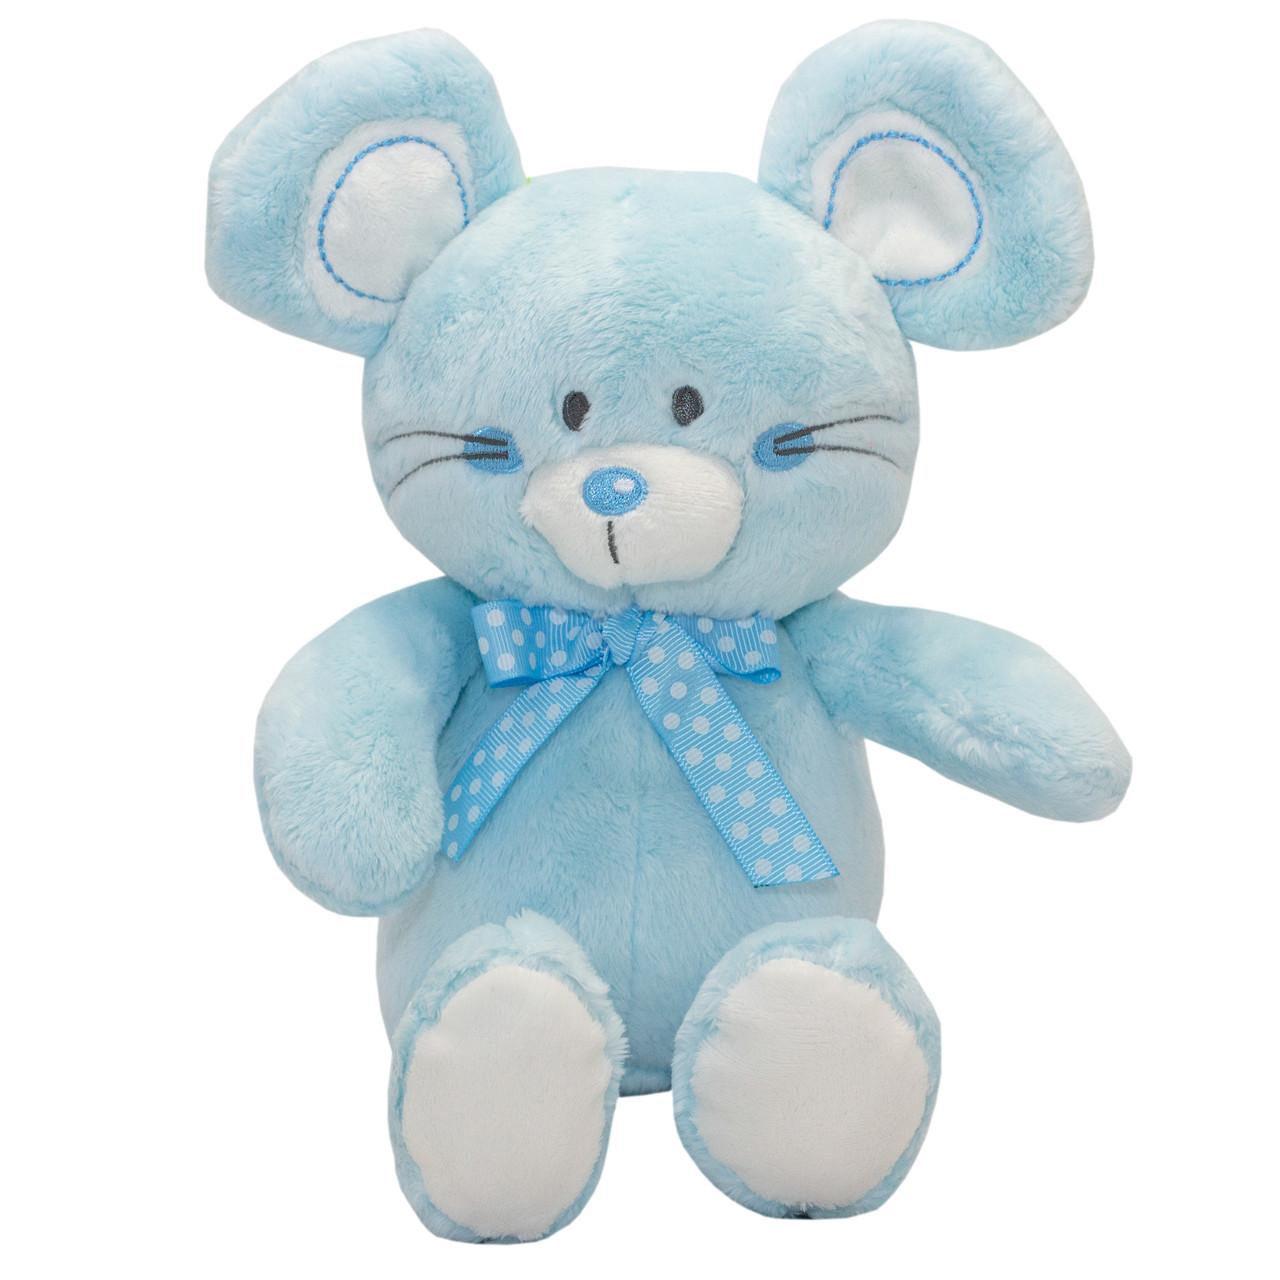 Мягкая игрушка - мышонок, 20 см, голубой, мех искусственный (C1811920A-2)